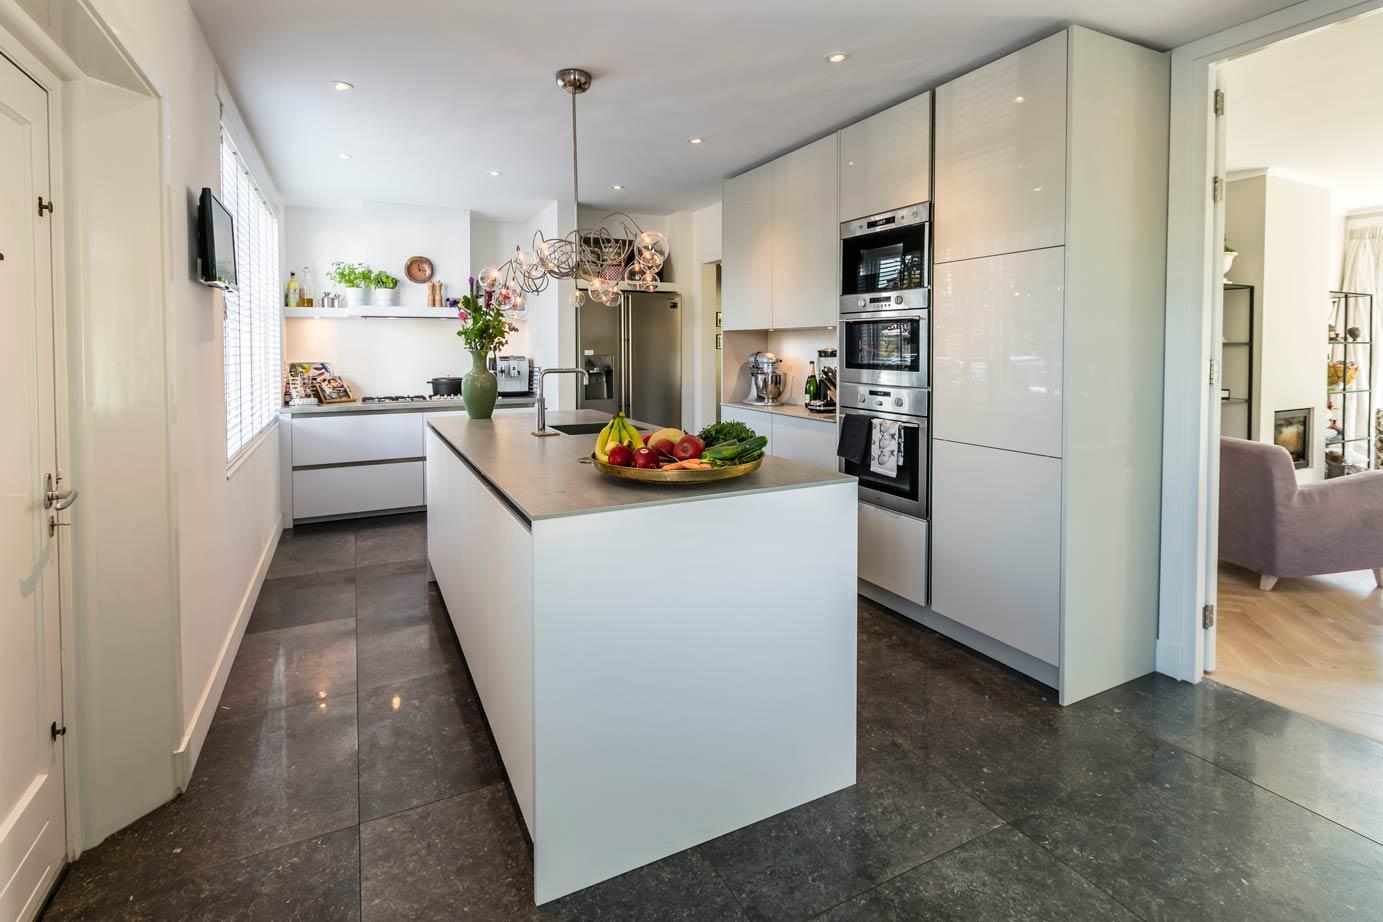 Moderne keuken met eiland in haarlem kopen lees klantervaring keur